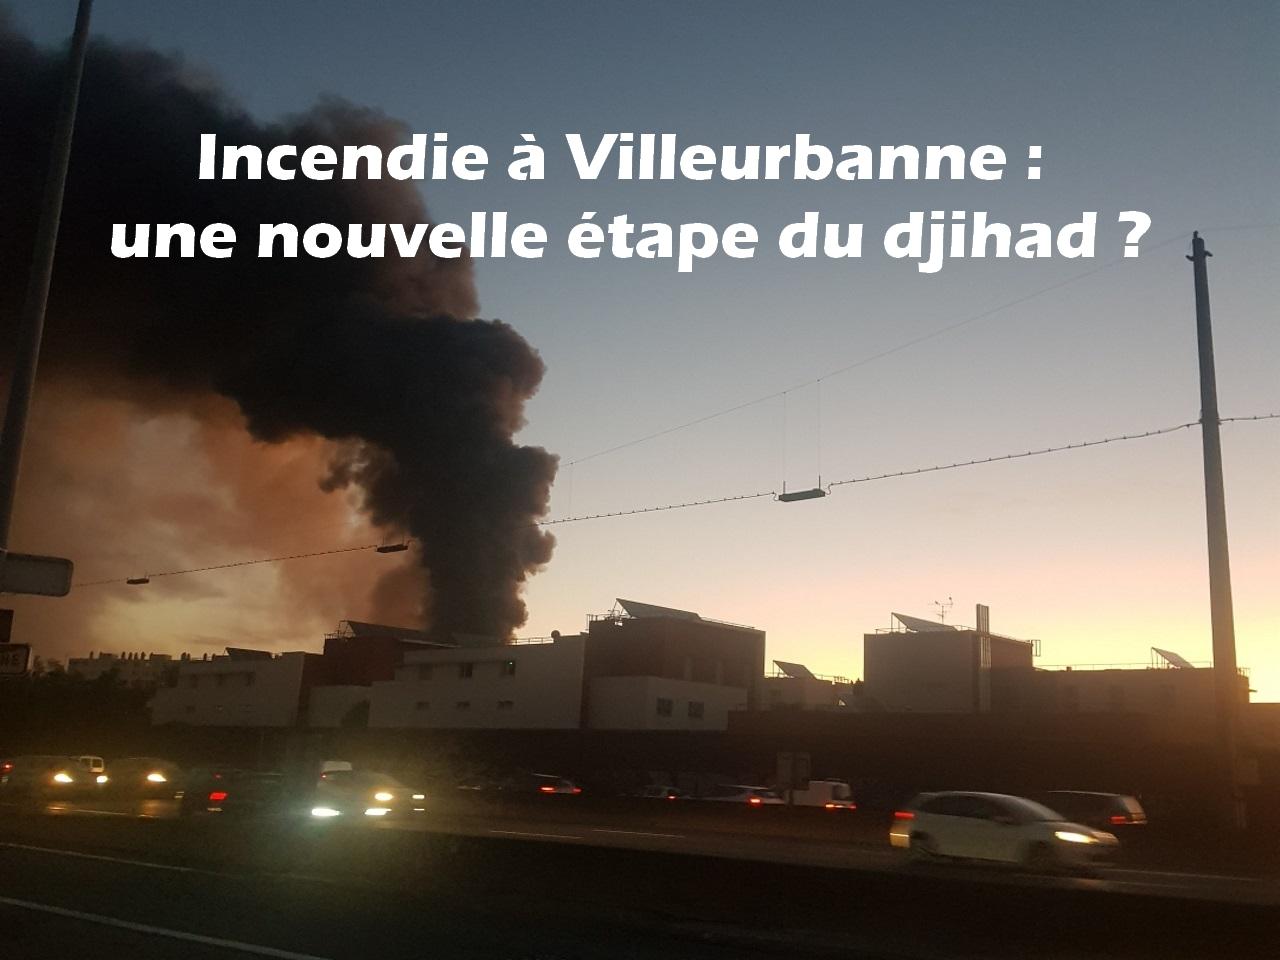 L'incendie de Villeurbanne fait-il partie d'une série d'attentats djihadistes ?